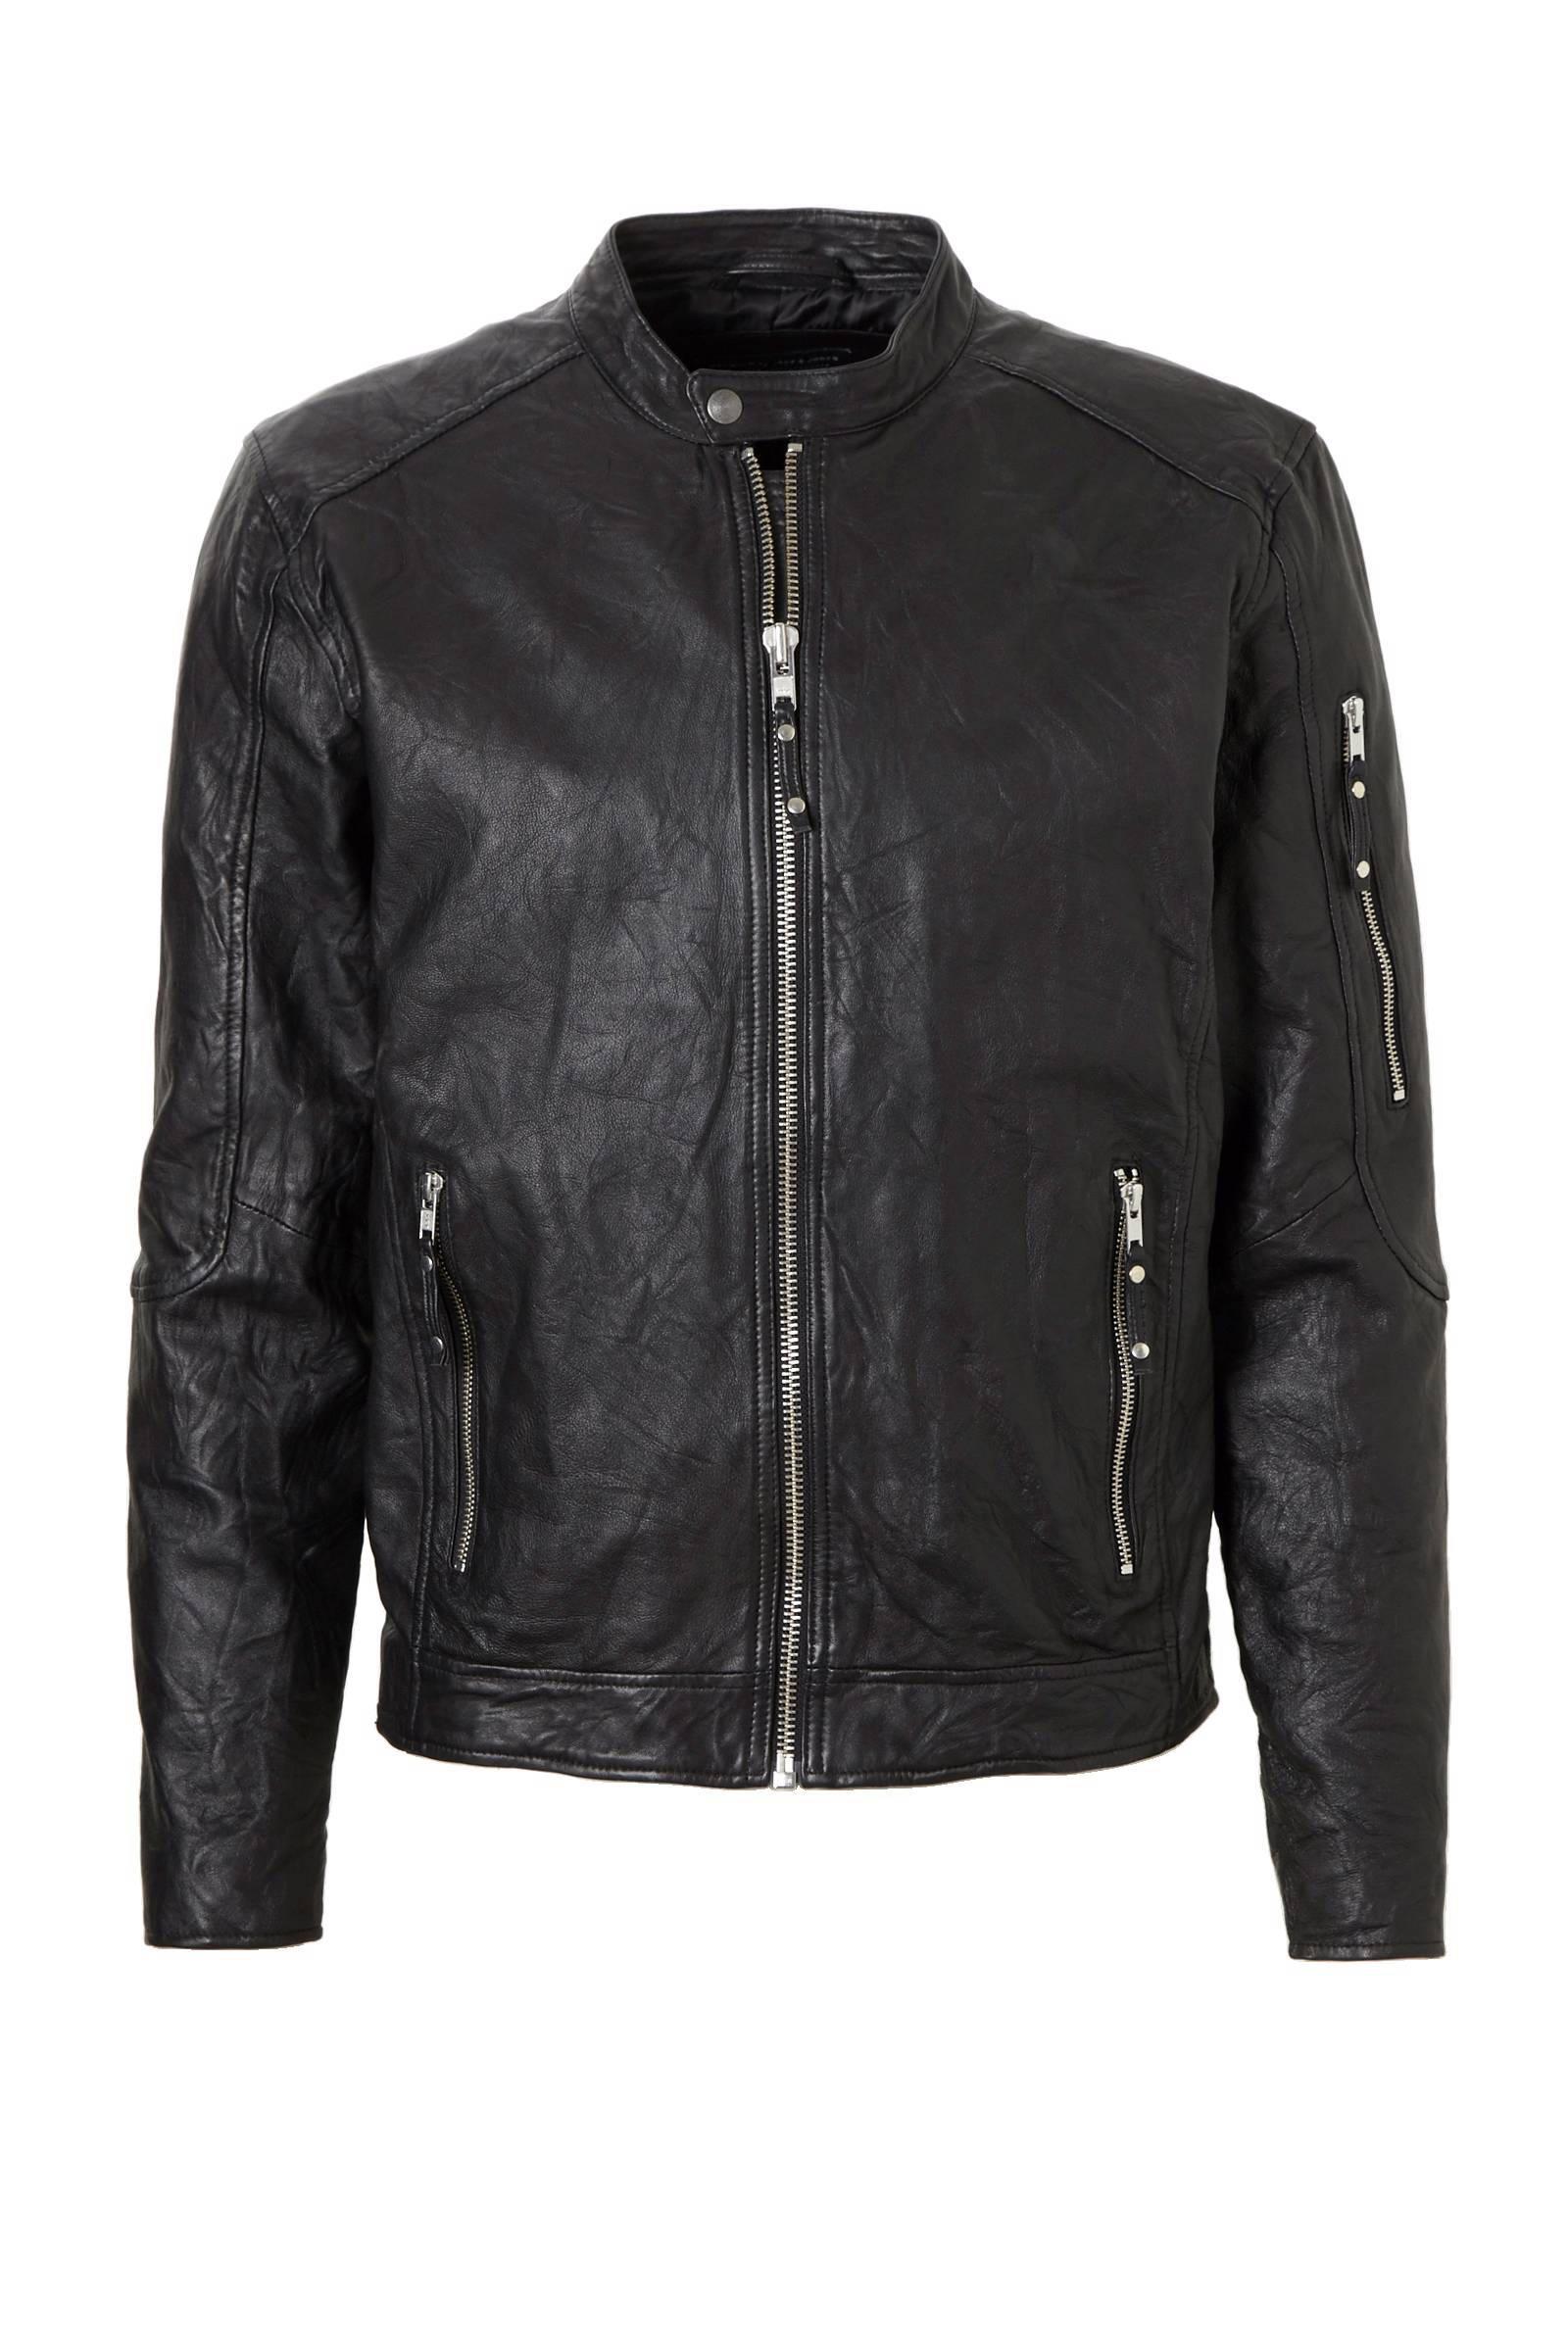 top mode koop uitverkoop promotie JACK & JONES Biker Leren Jas Heren Zwart